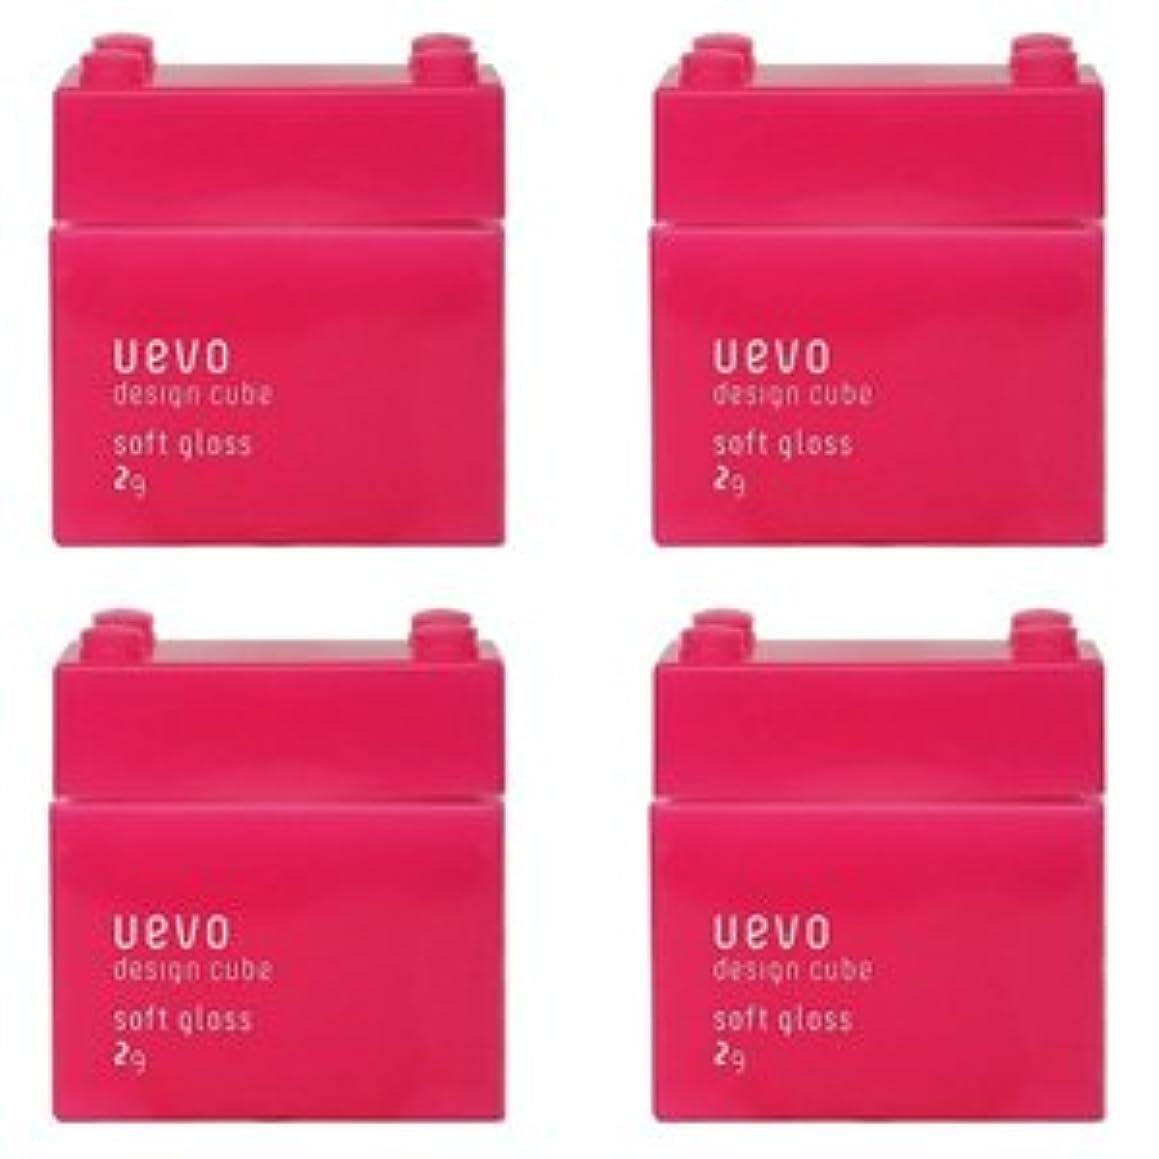 火山学フィードバック構築する【X4個セット】 デミ ウェーボ デザインキューブ ソフトグロス 80g soft gloss DEMI uevo design cube